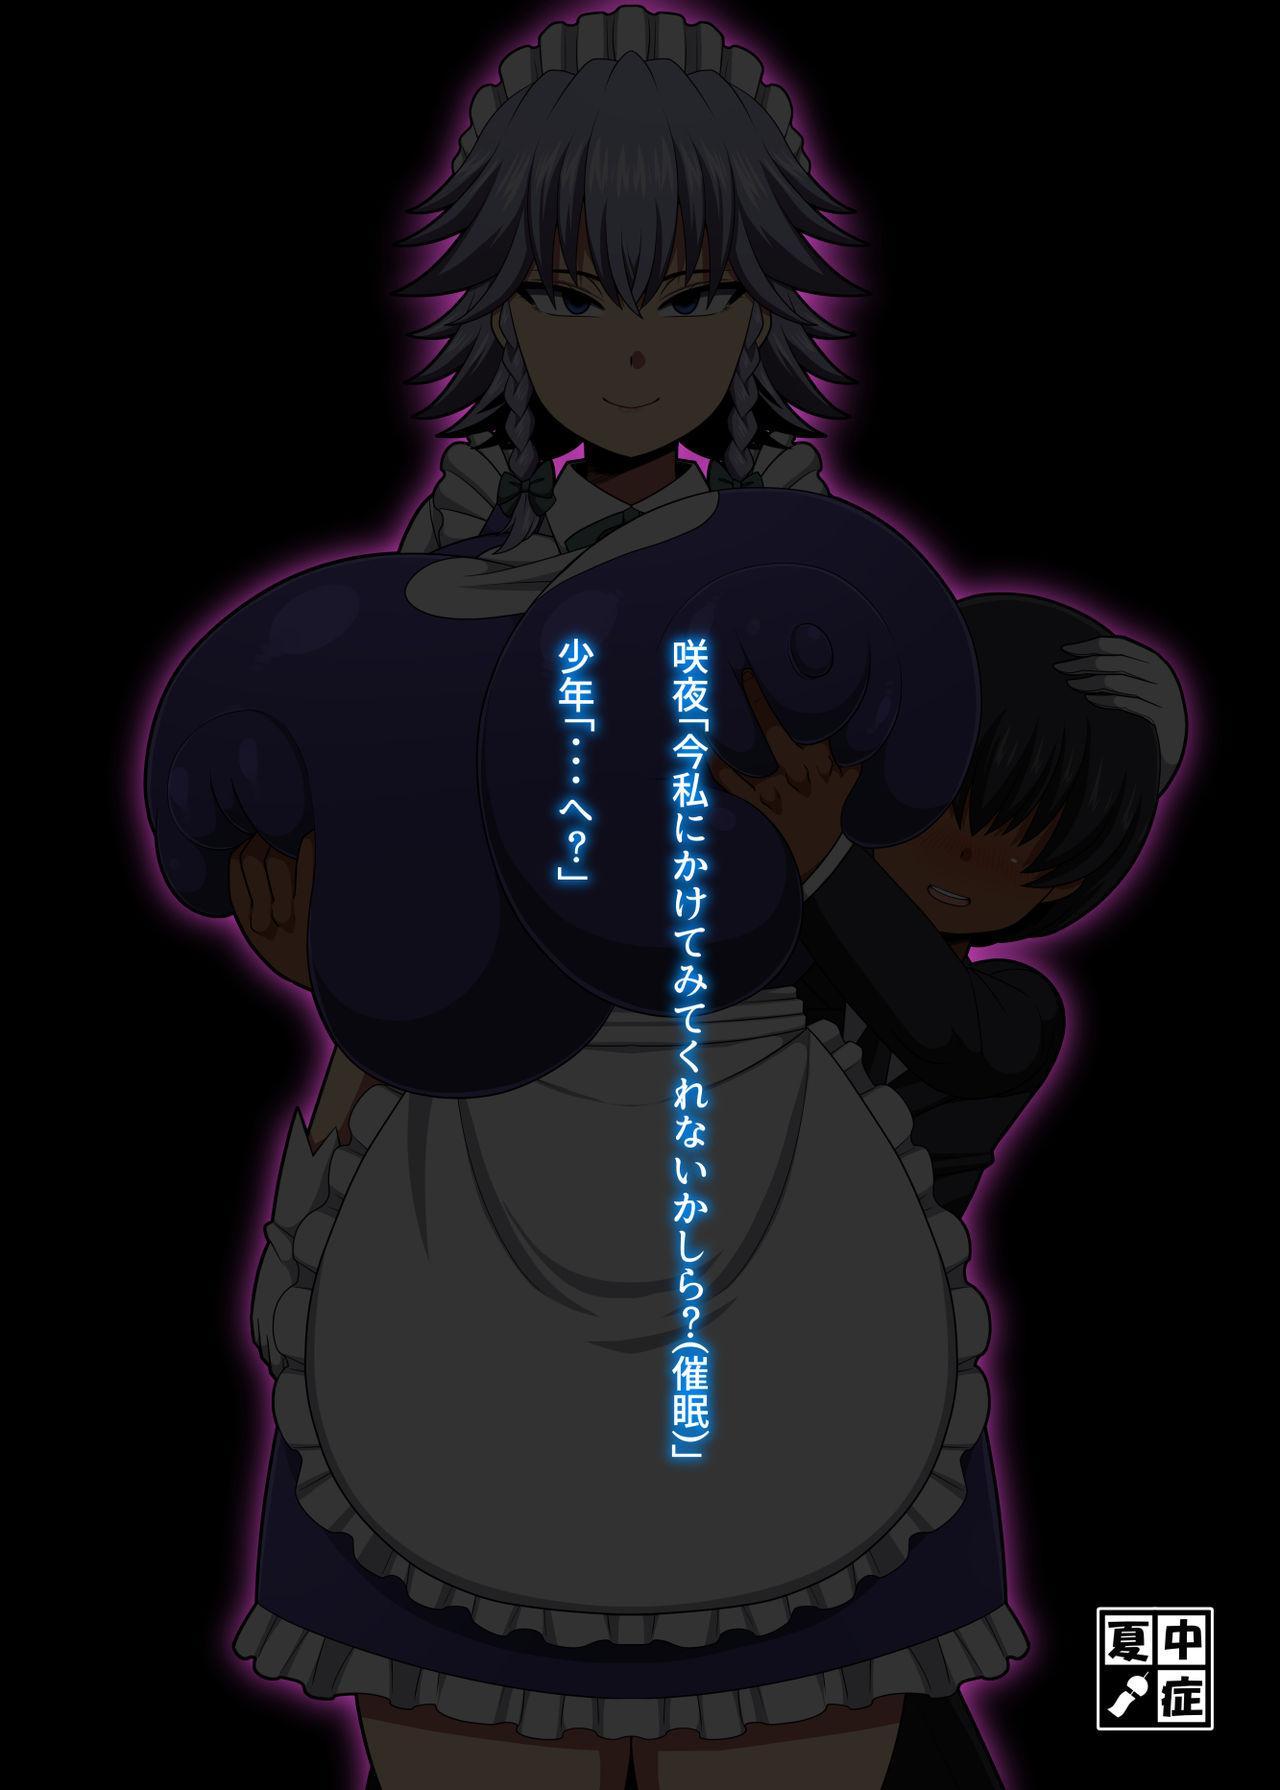 Sakuya-san no Oppai ga Susamajiku Ookikatta no de Saiminjutsu o Tsukatte Totemo Nakayoku Natta Hanashi 19